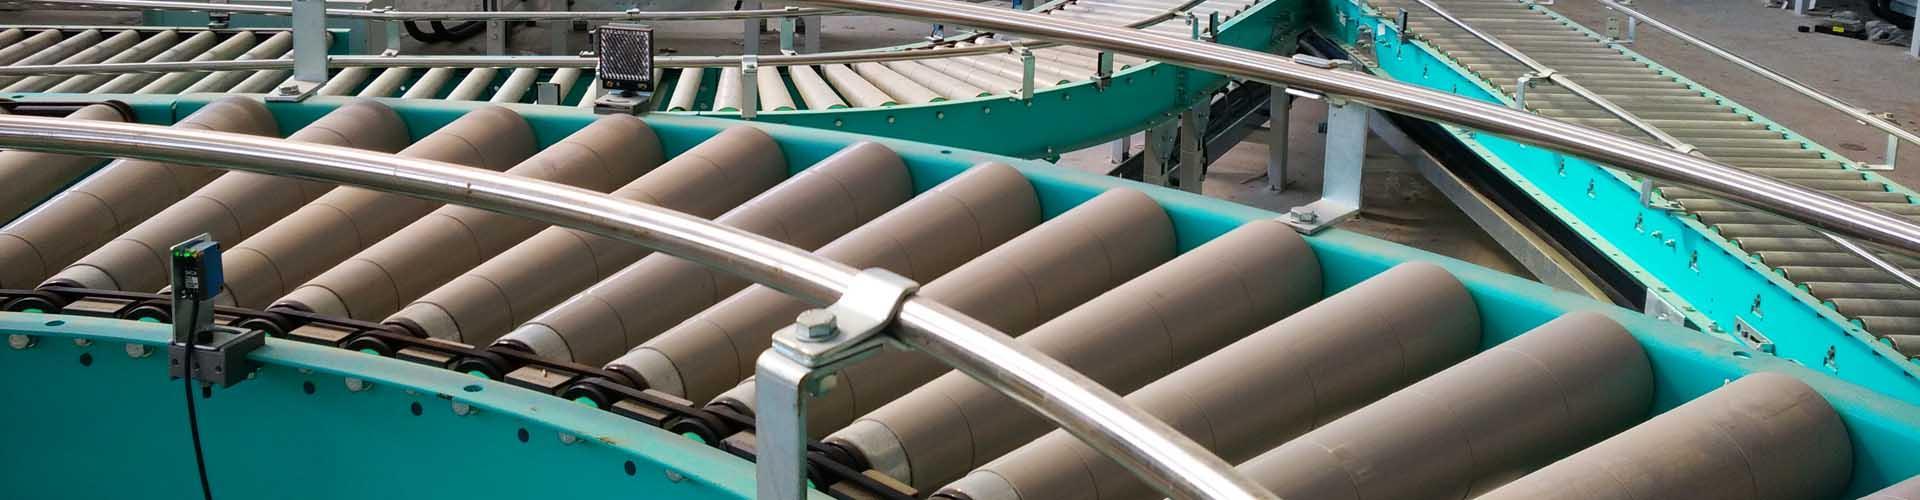 1500 Series Steel Gravity Tapered Conveyor Roller